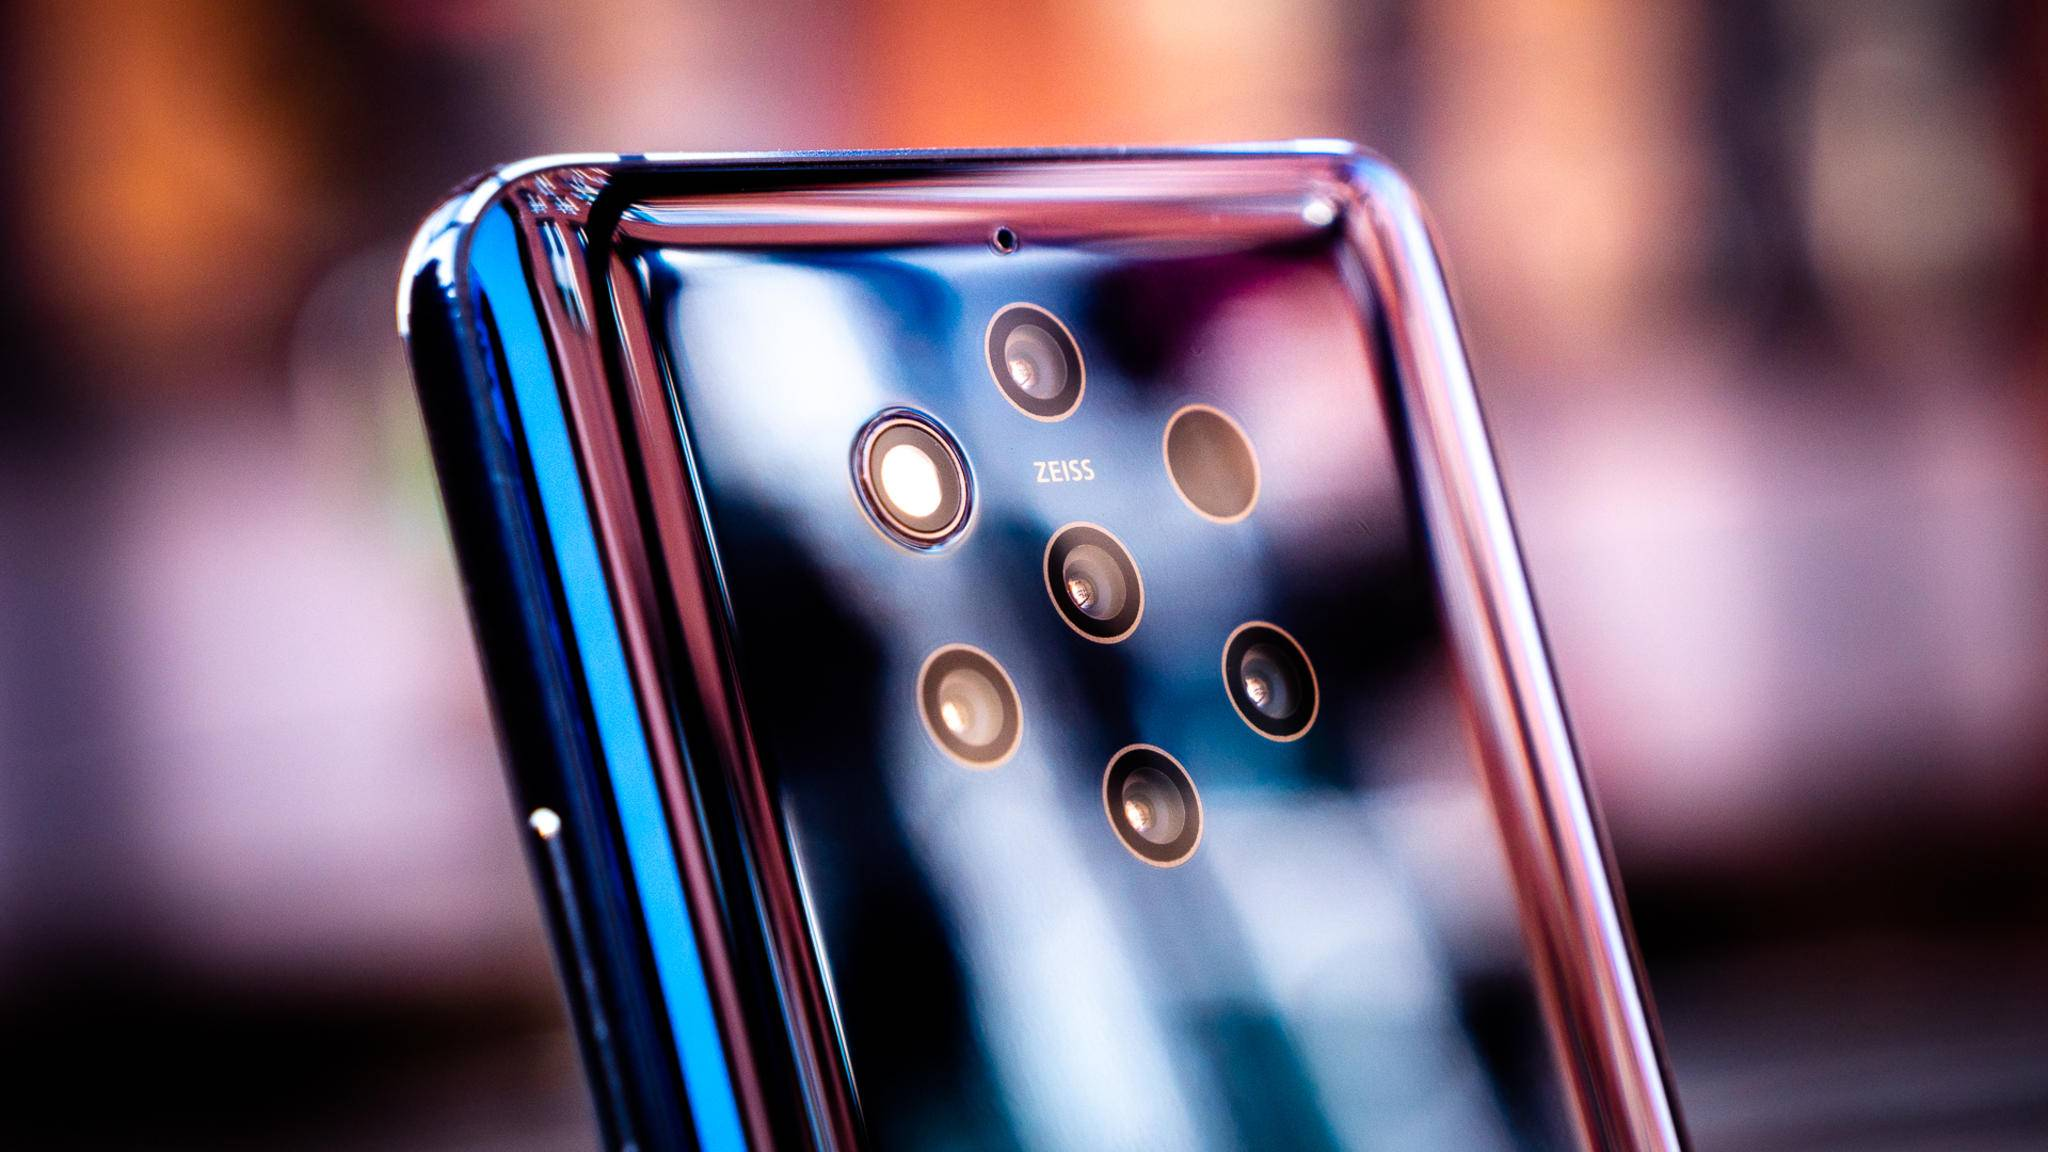 Das Nokia 9 PureView soll im Herbst einen Nachfolger erhalten.